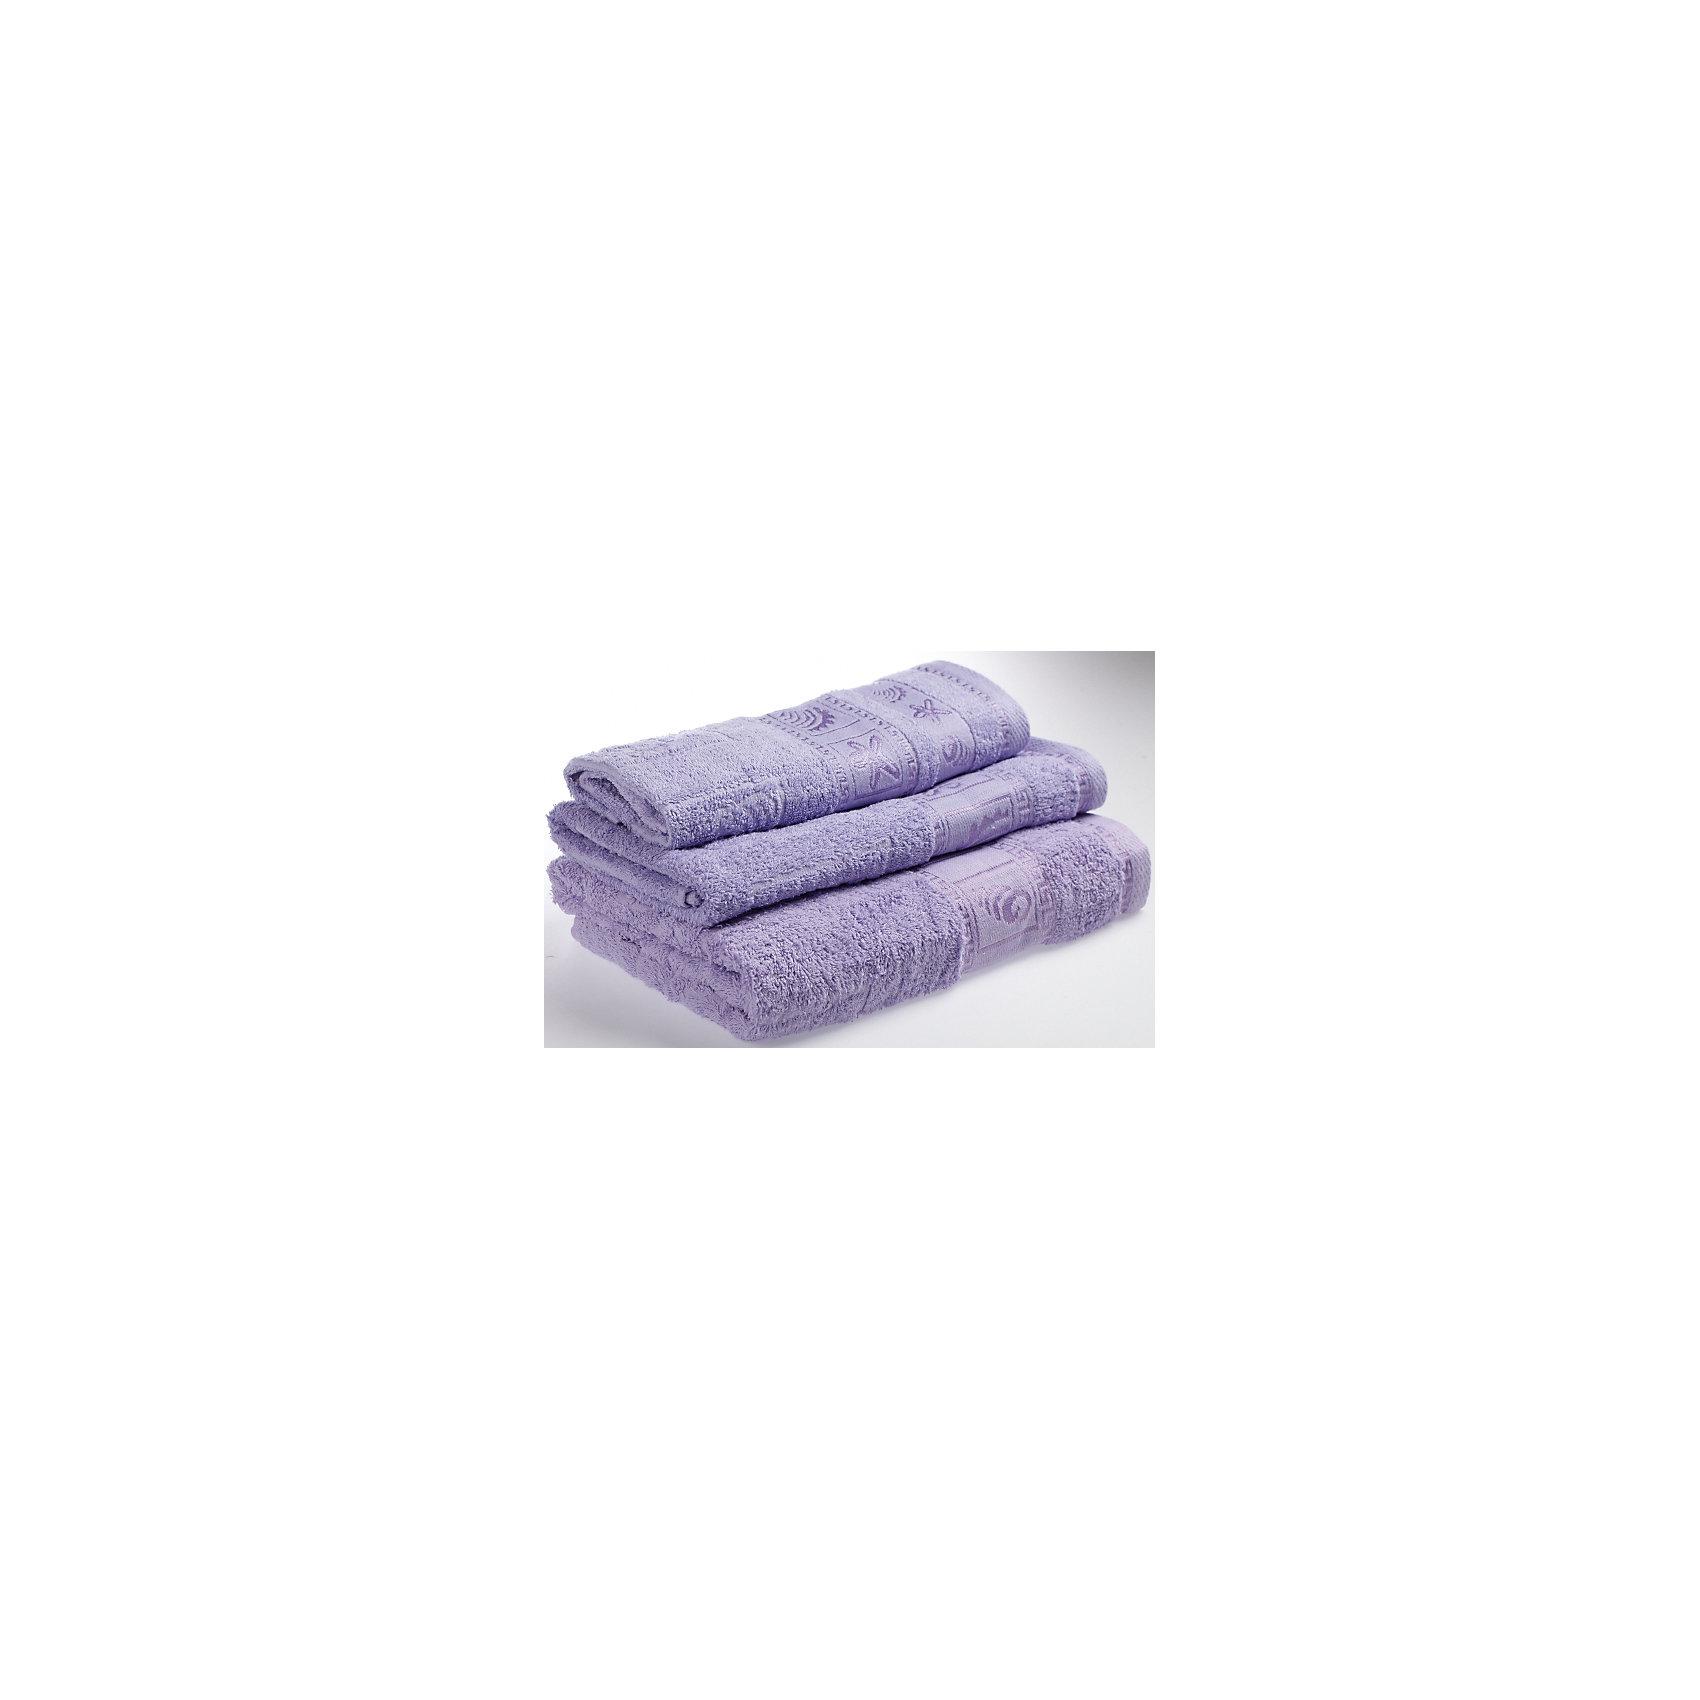 Полотенце махровое Shell 40*75 Португалия, сиреневыйМахровое полотенце Shell идеально подходит для вашей ванной комнаты. Оно хорошо впитывает влагу и обладает высокой прочностью. Полотенце выполнено из качественного хлопка с применением стойких безопасных красителей. Край полотенца украшен вышивкой на морскую тематику.<br><br>Дополнительная информация:<br>Размер: 40х75 см<br>Материал: 100% хлопок<br>Плотность: 500 г/м2<br>Цвет: сиреневый<br>Торговая марка: Португалия<br><br>Махровое полотенце Shell вы можете купить а нашем интернет-магазине.<br><br>Ширина мм: 500<br>Глубина мм: 500<br>Высота мм: 200<br>Вес г: 200<br>Возраст от месяцев: 0<br>Возраст до месяцев: 144<br>Пол: Унисекс<br>Возраст: Детский<br>SKU: 5010933